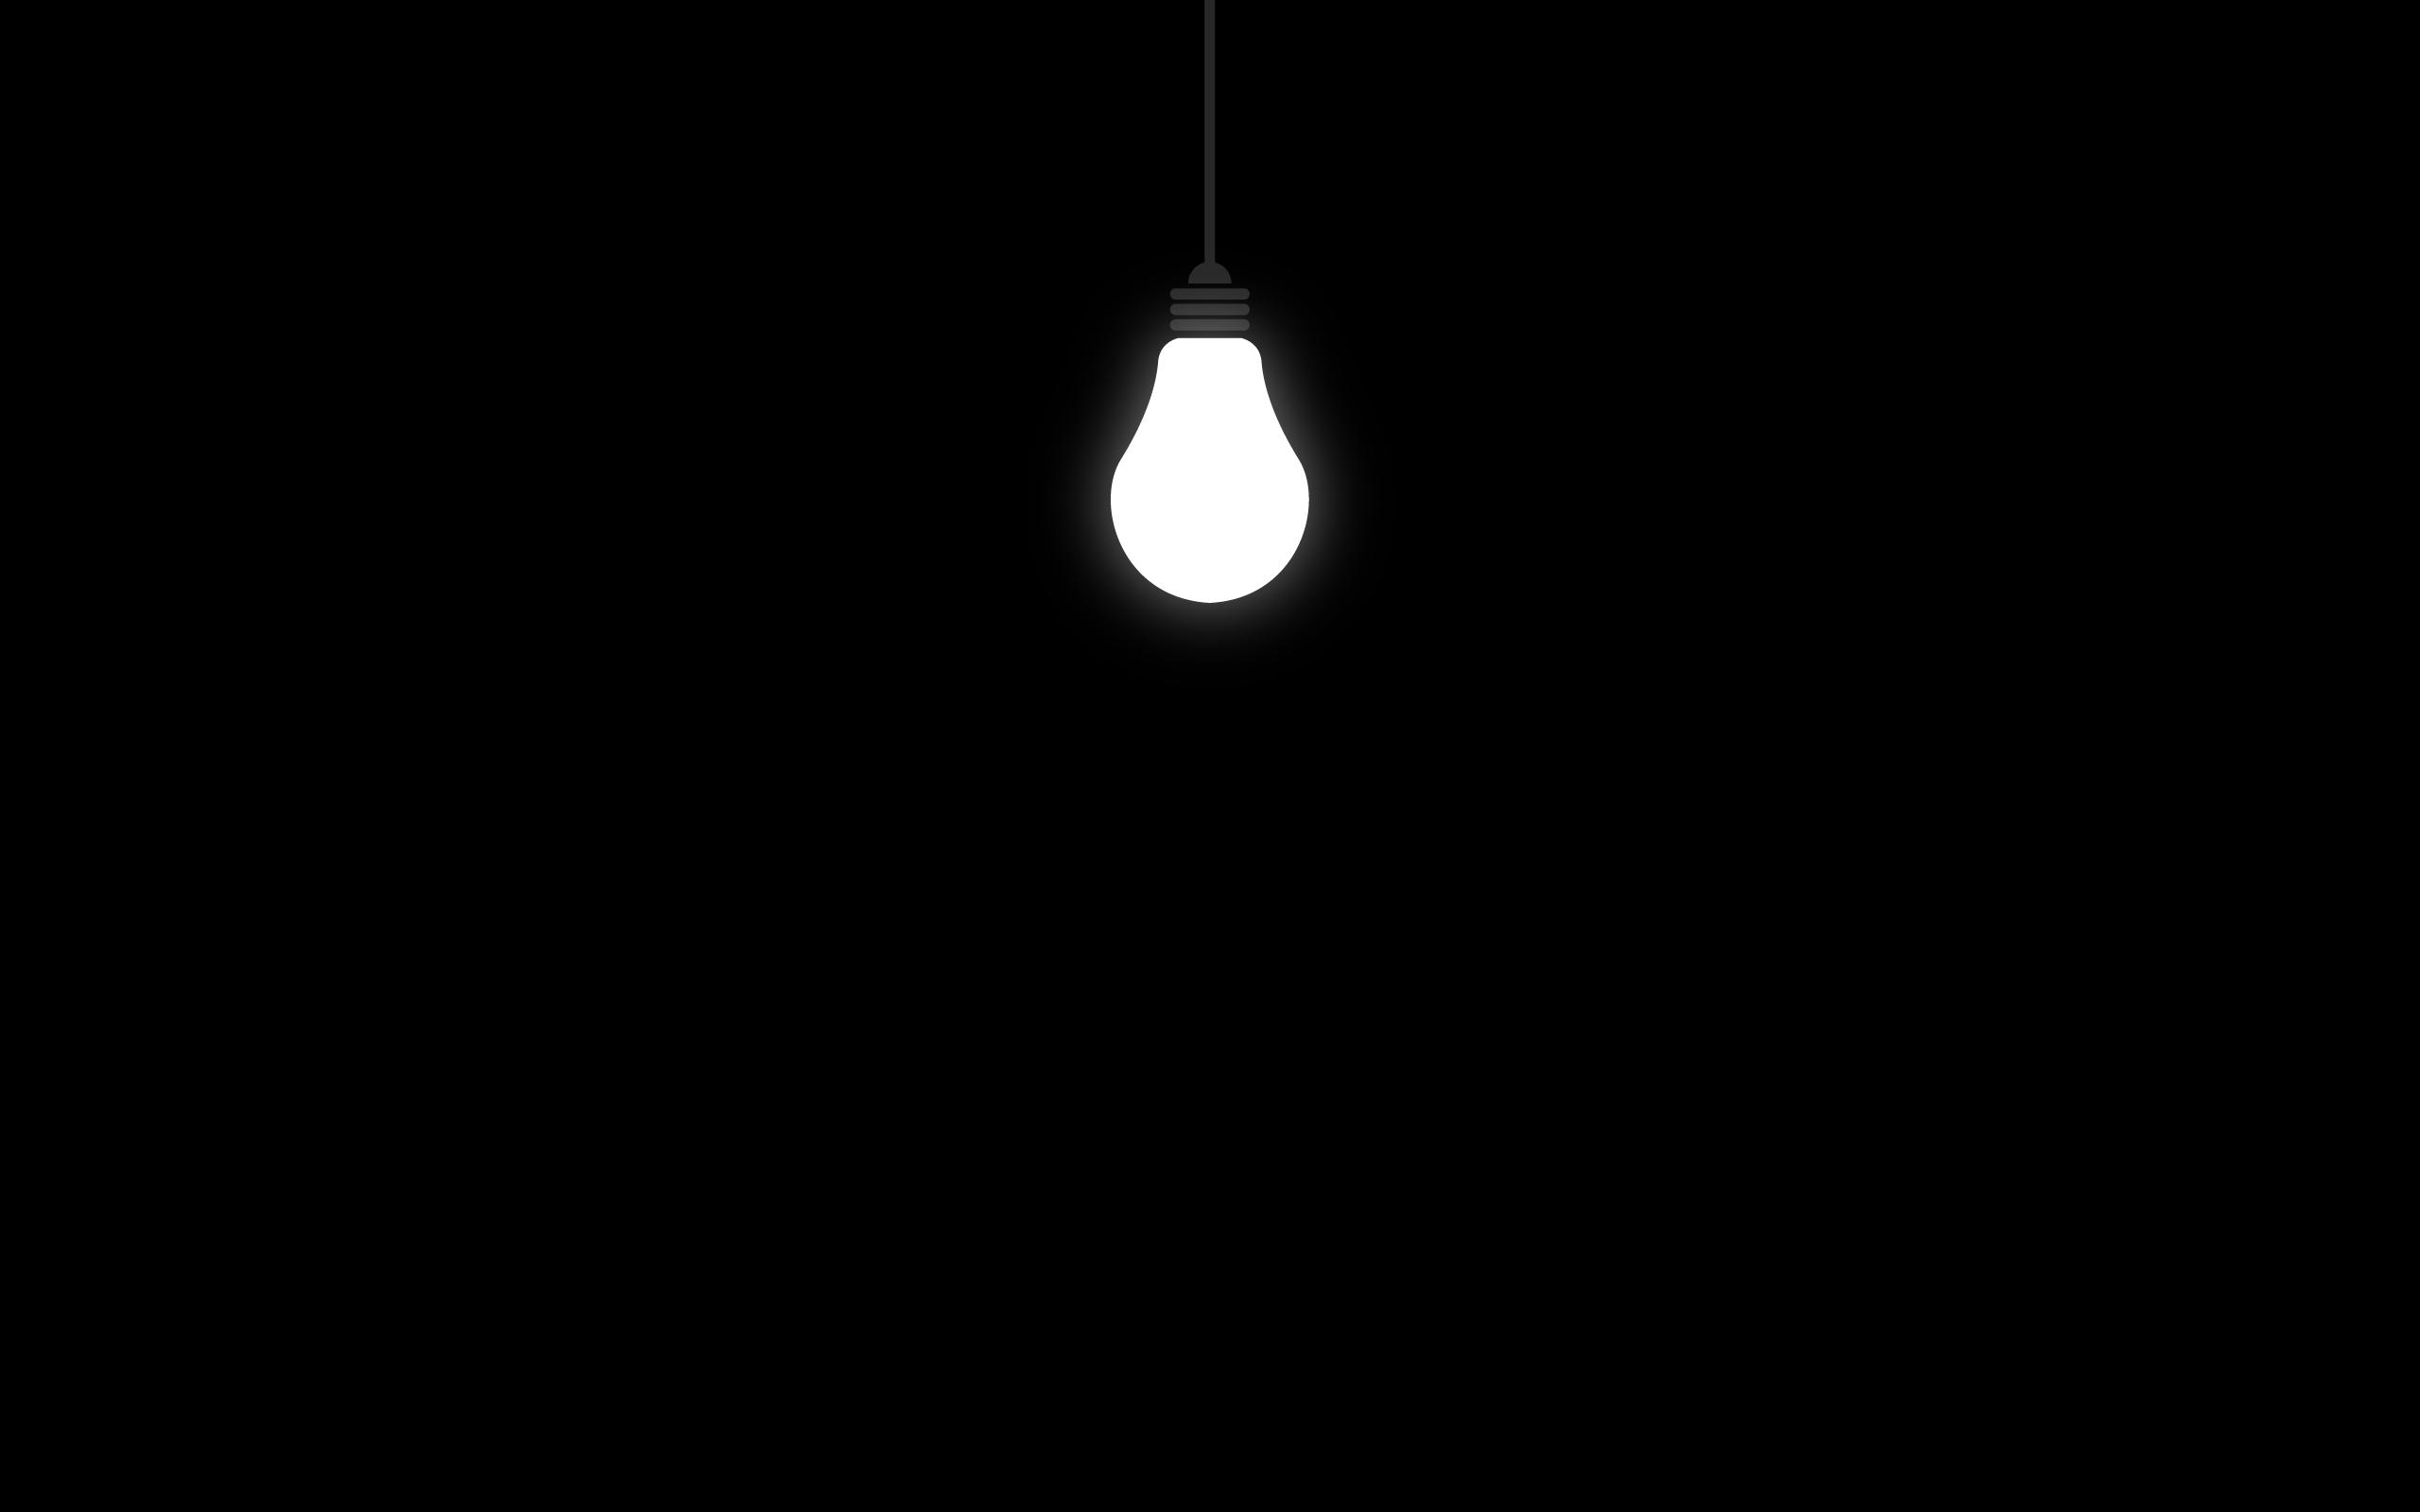 Hình nền đen bóng đèn sáng